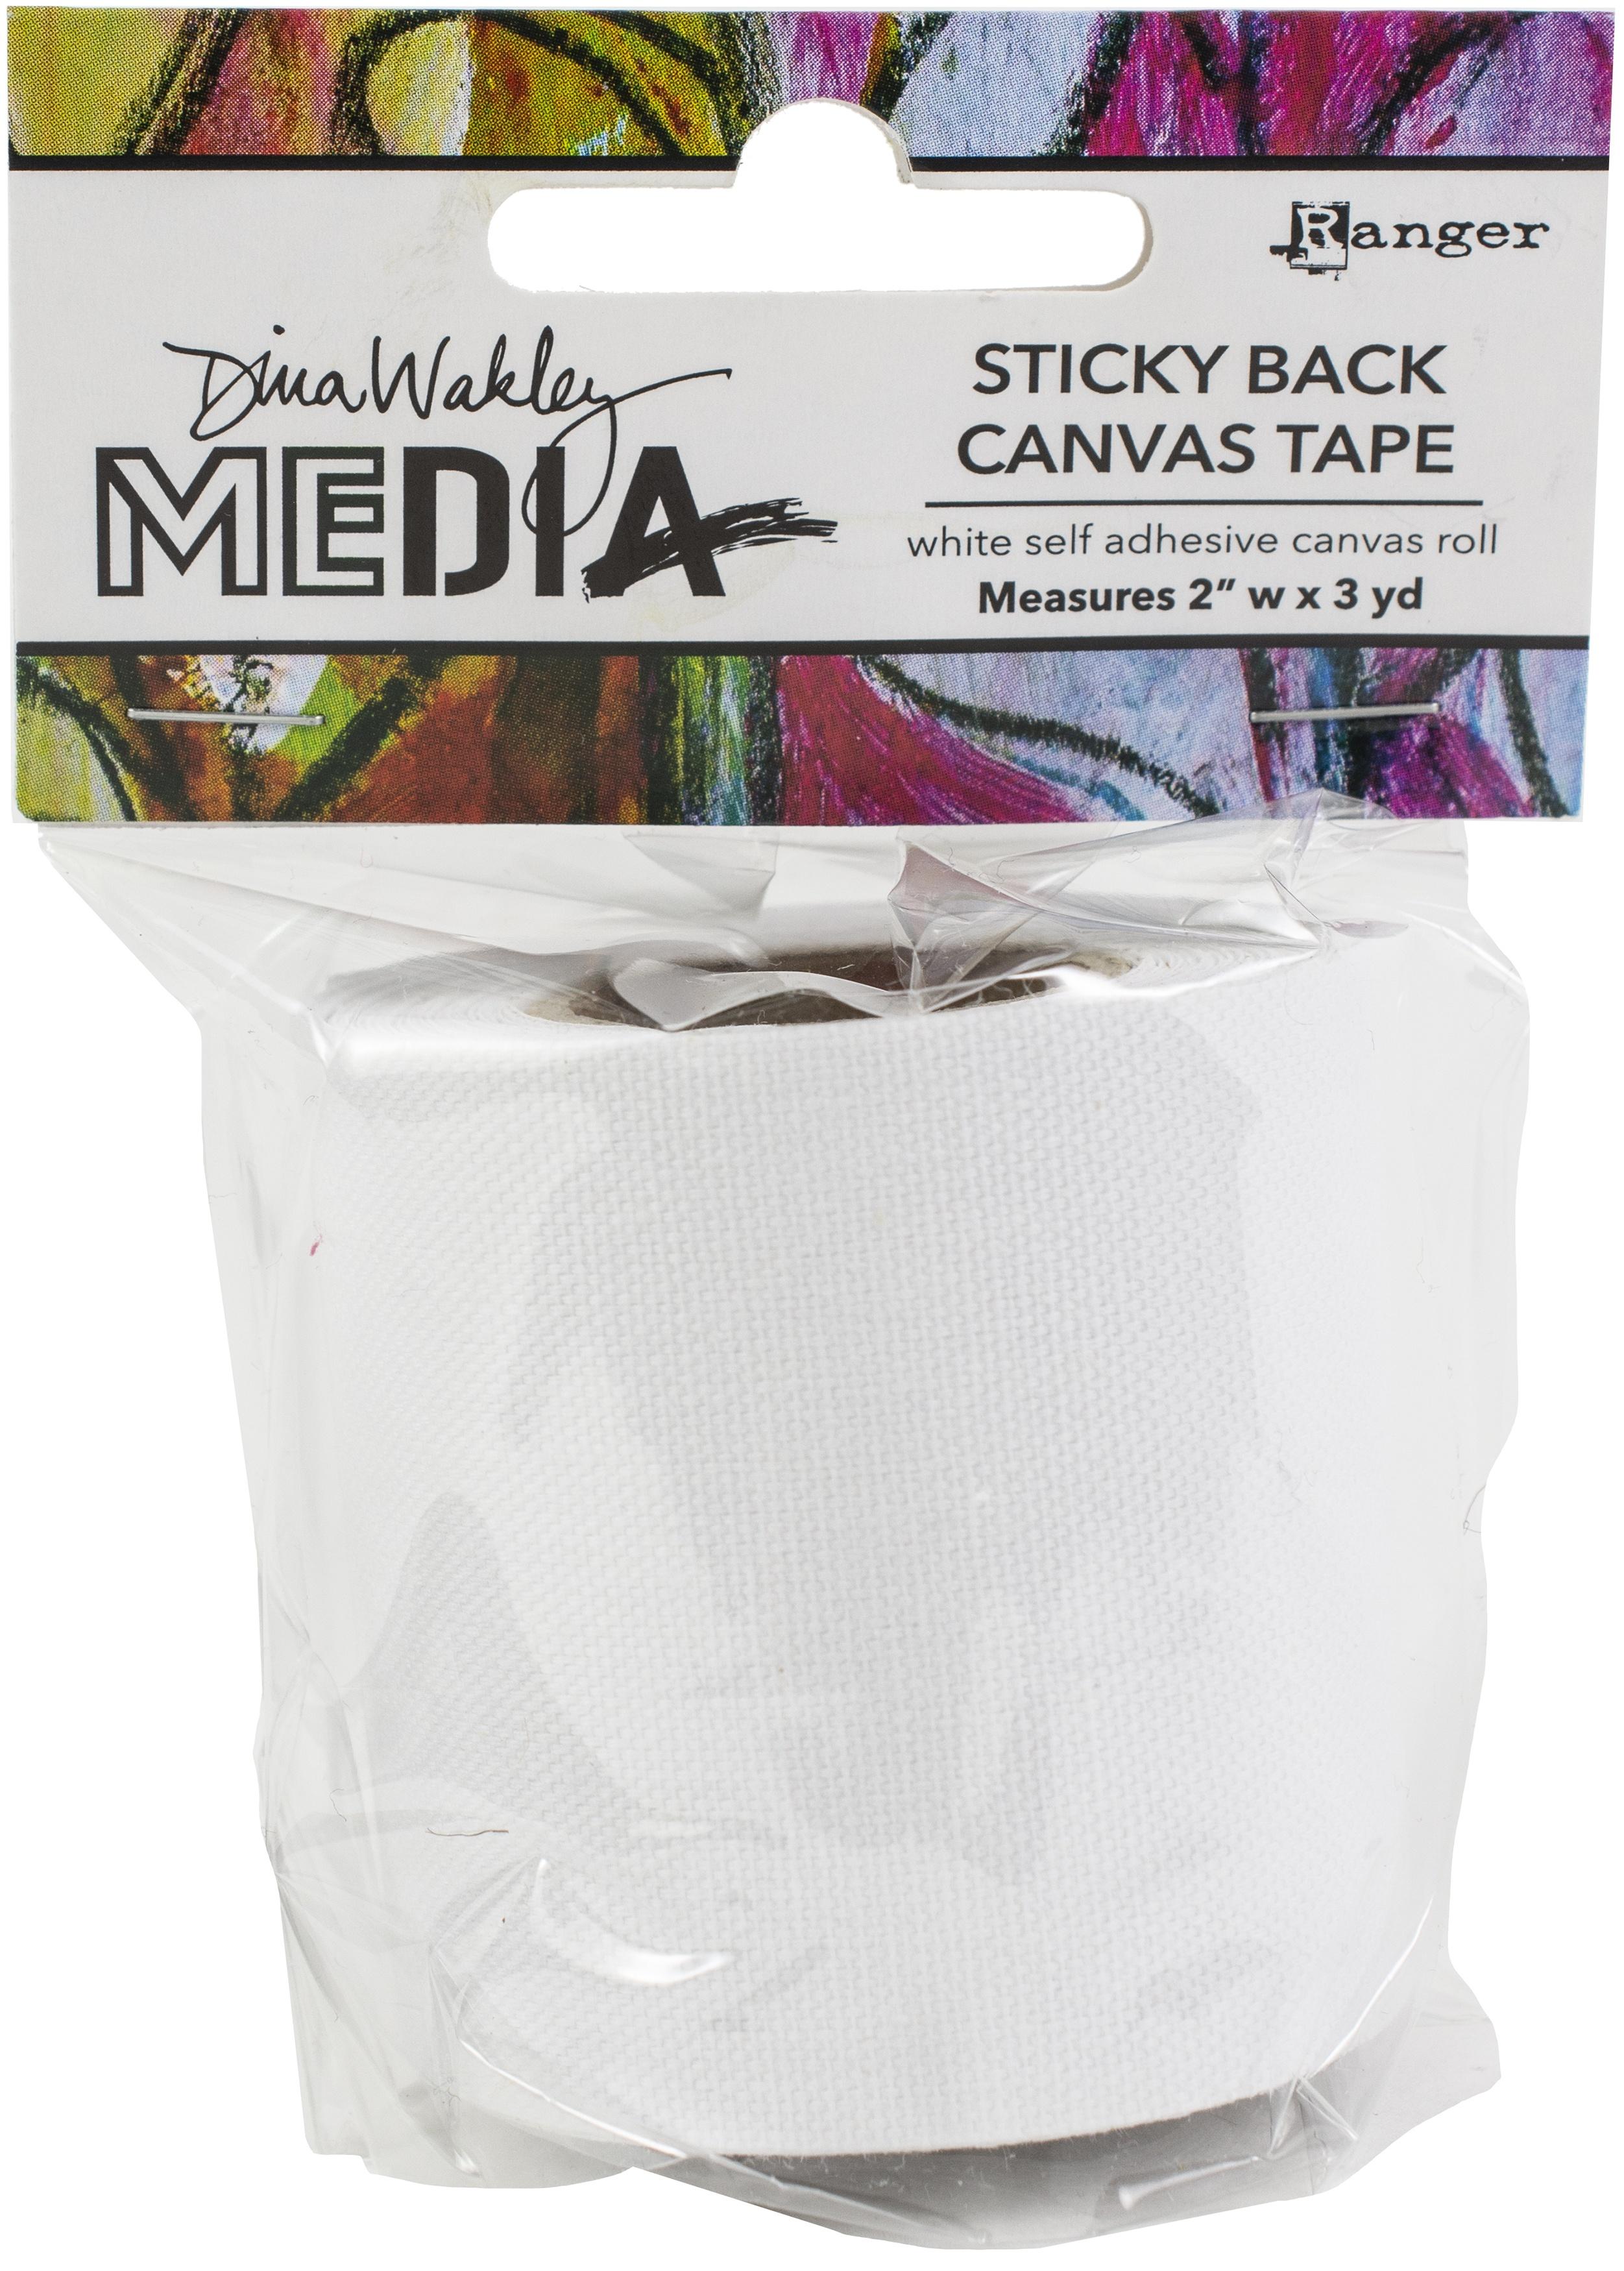 Dina Wakley Media Stickyback Canvas Tape 2